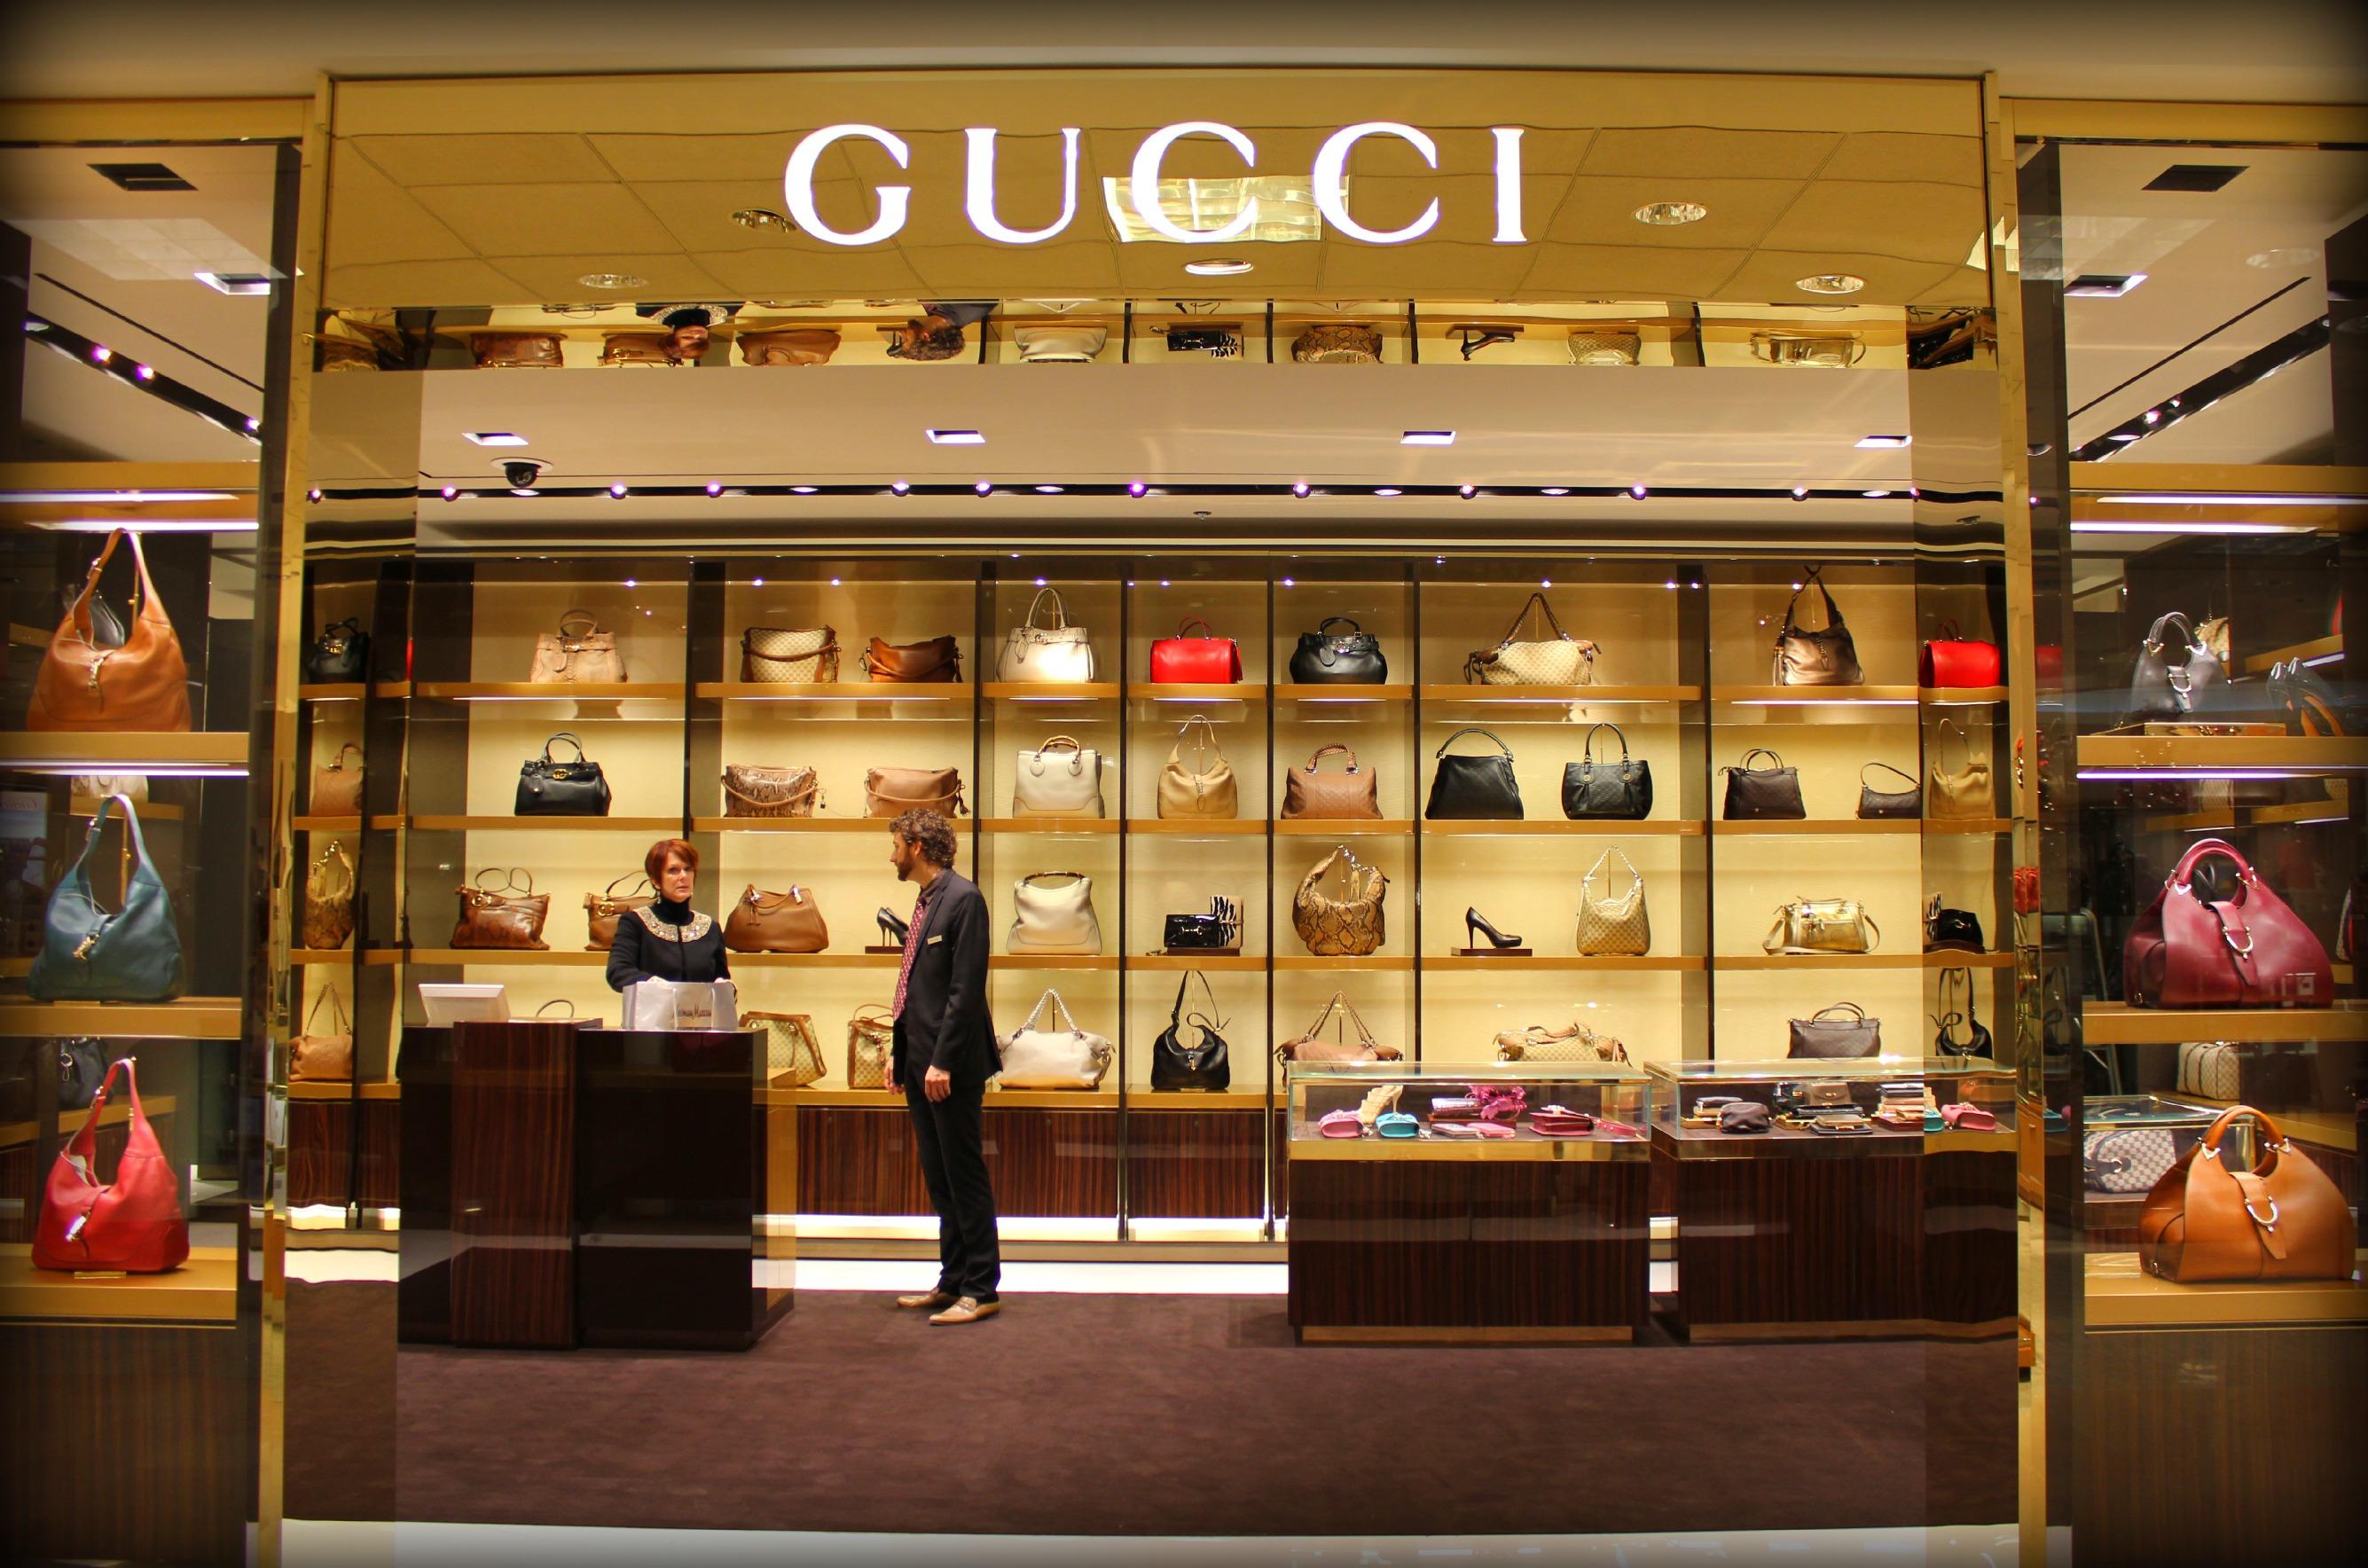 Gucci store interior 2017